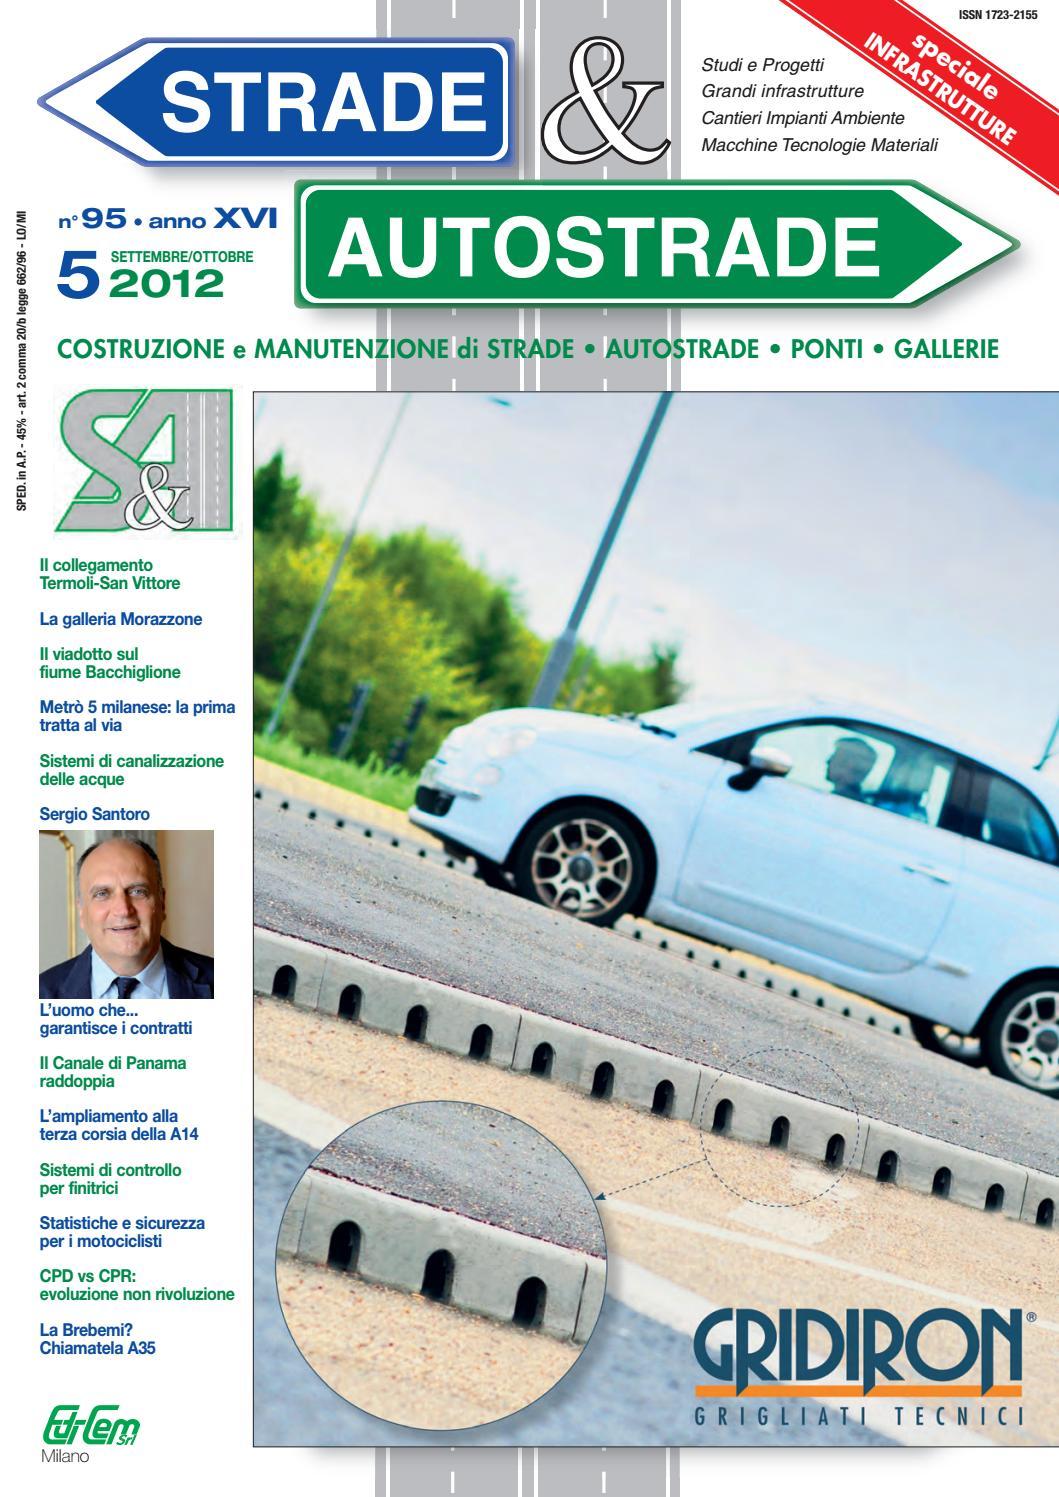 S A 95 Settembre-Ottobre 2012 by Strade Autostrade - EDI-CEM Srl - issuu 11c7aa5e891f